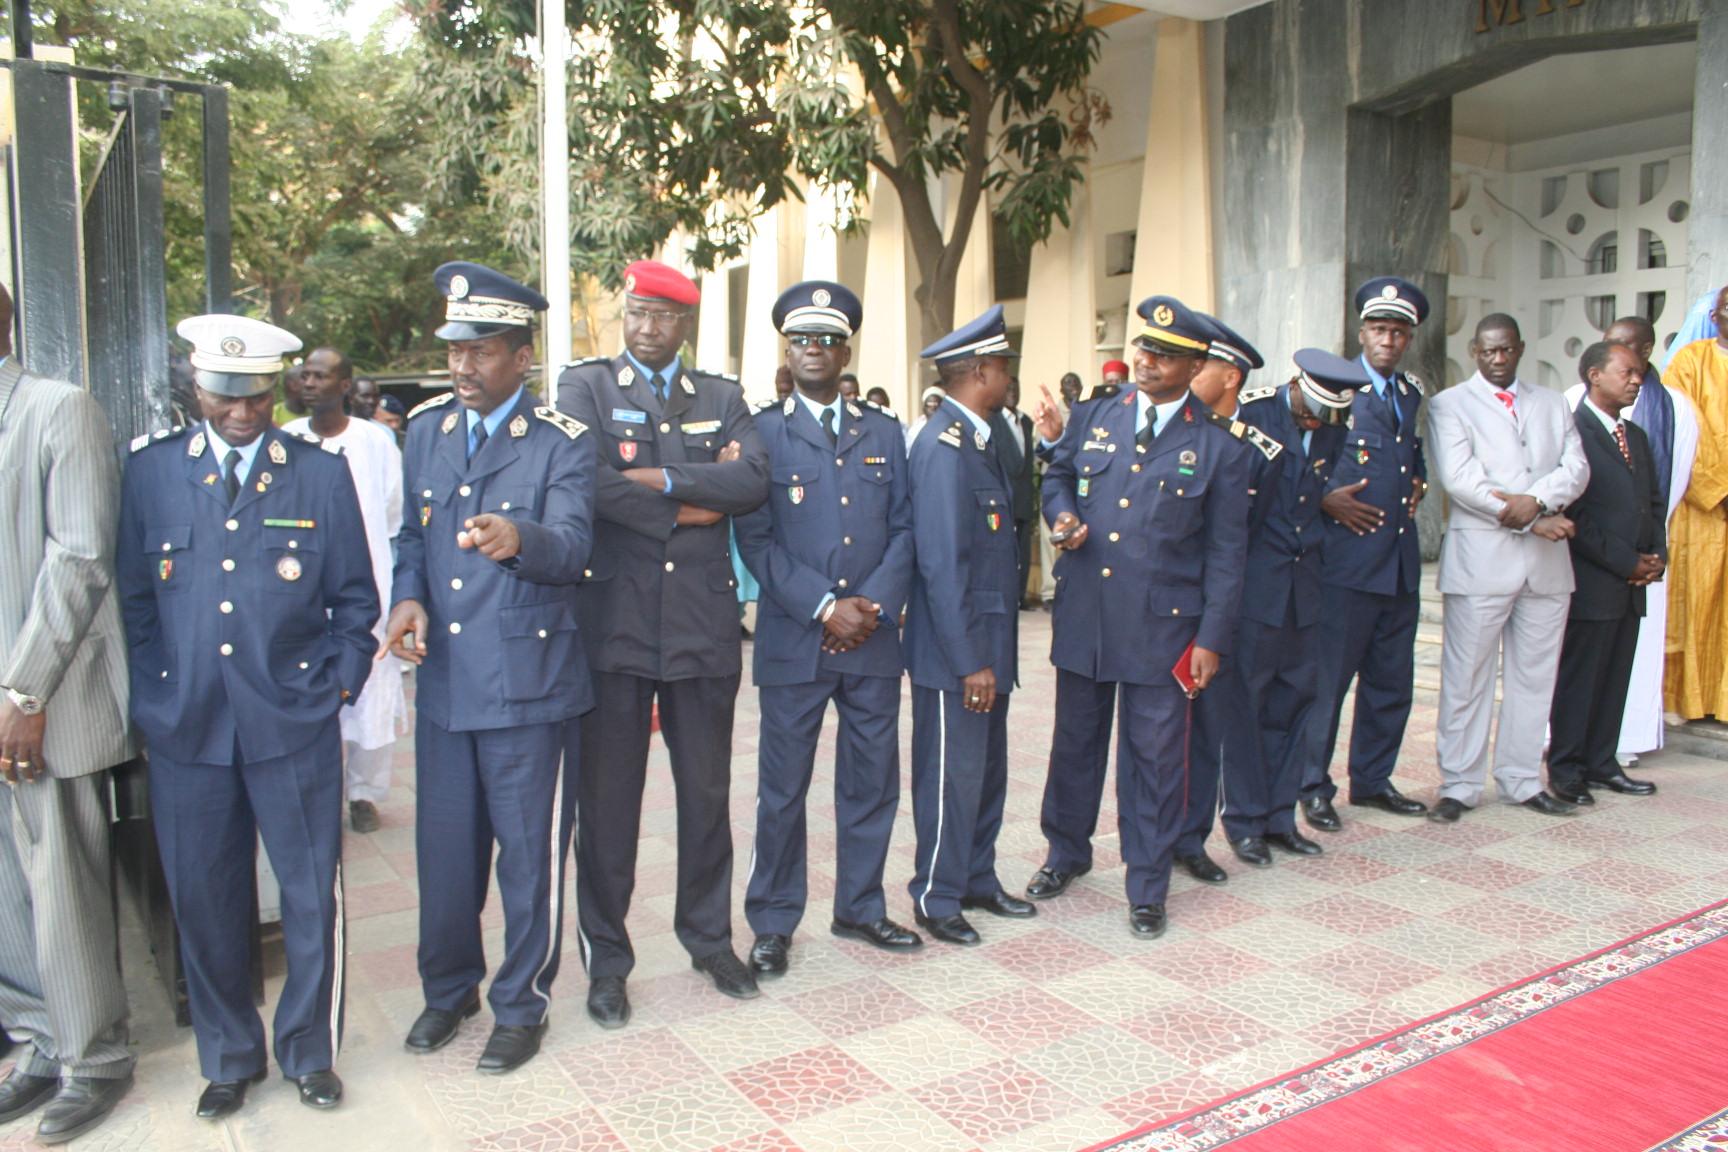 Les vraies raisons du limogeage du commissaire central de Dakar, Mamadou Ndour         (EXCLUSIVITÉ DAKARPOSTE)